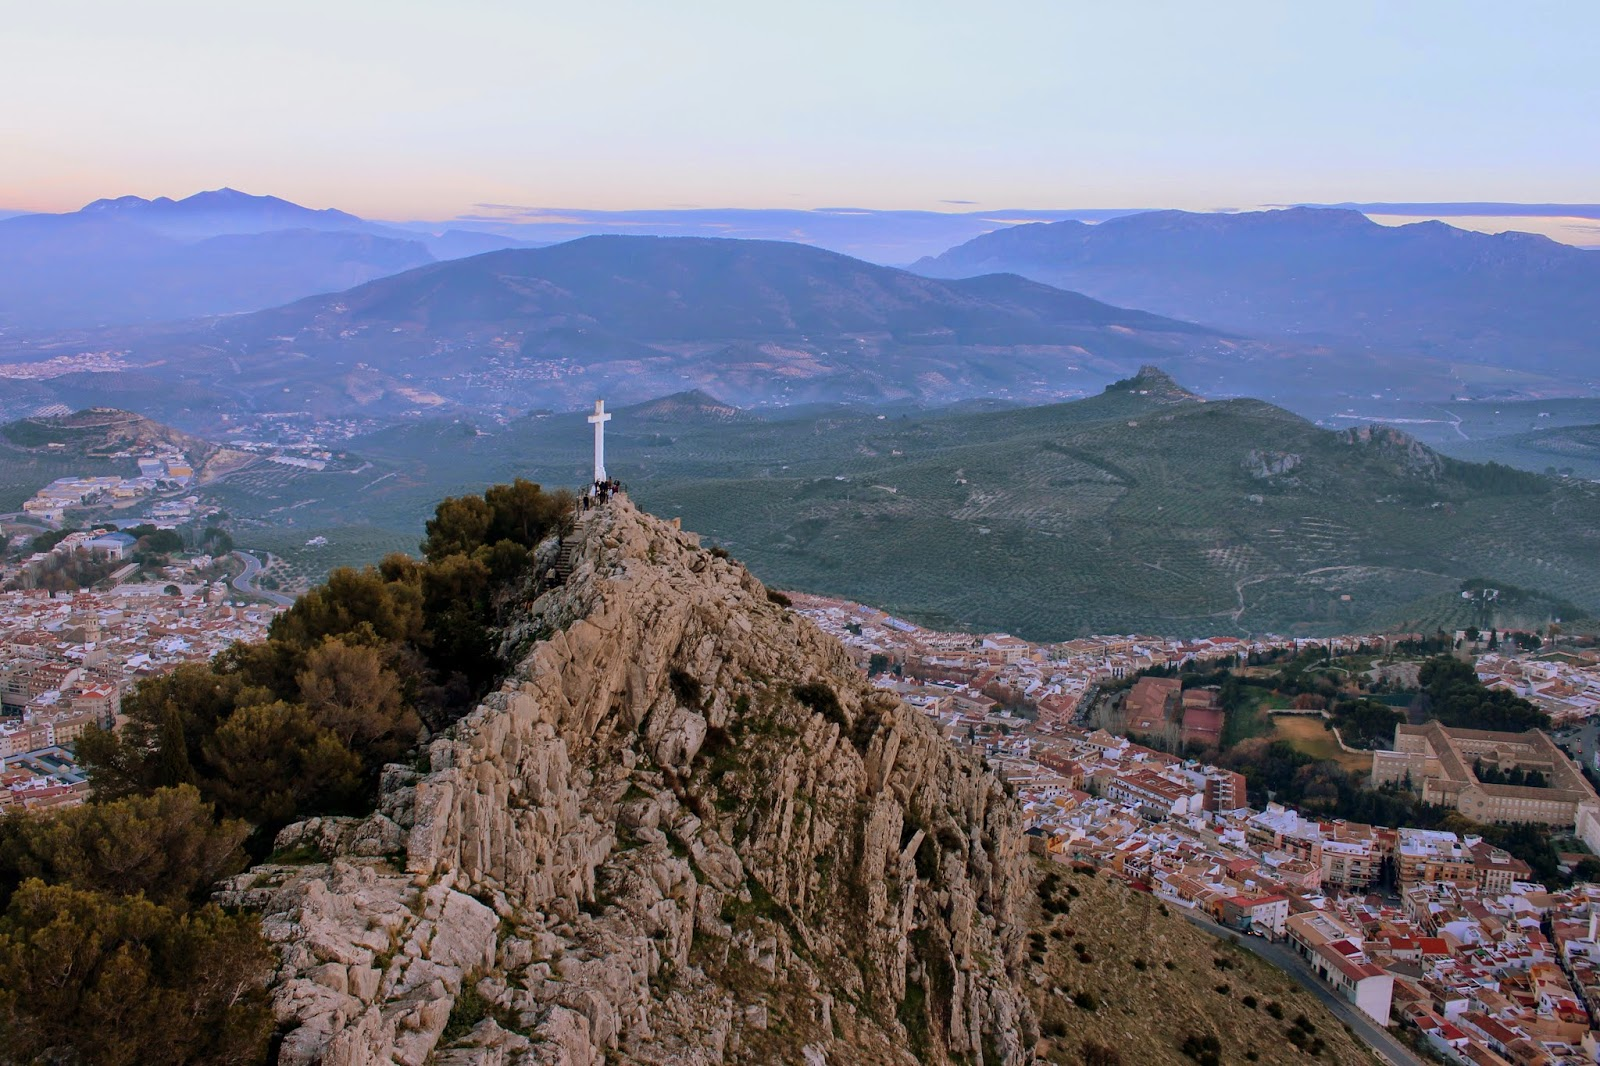 La Cruz en el Cerro de Santa Catalina en Jaén